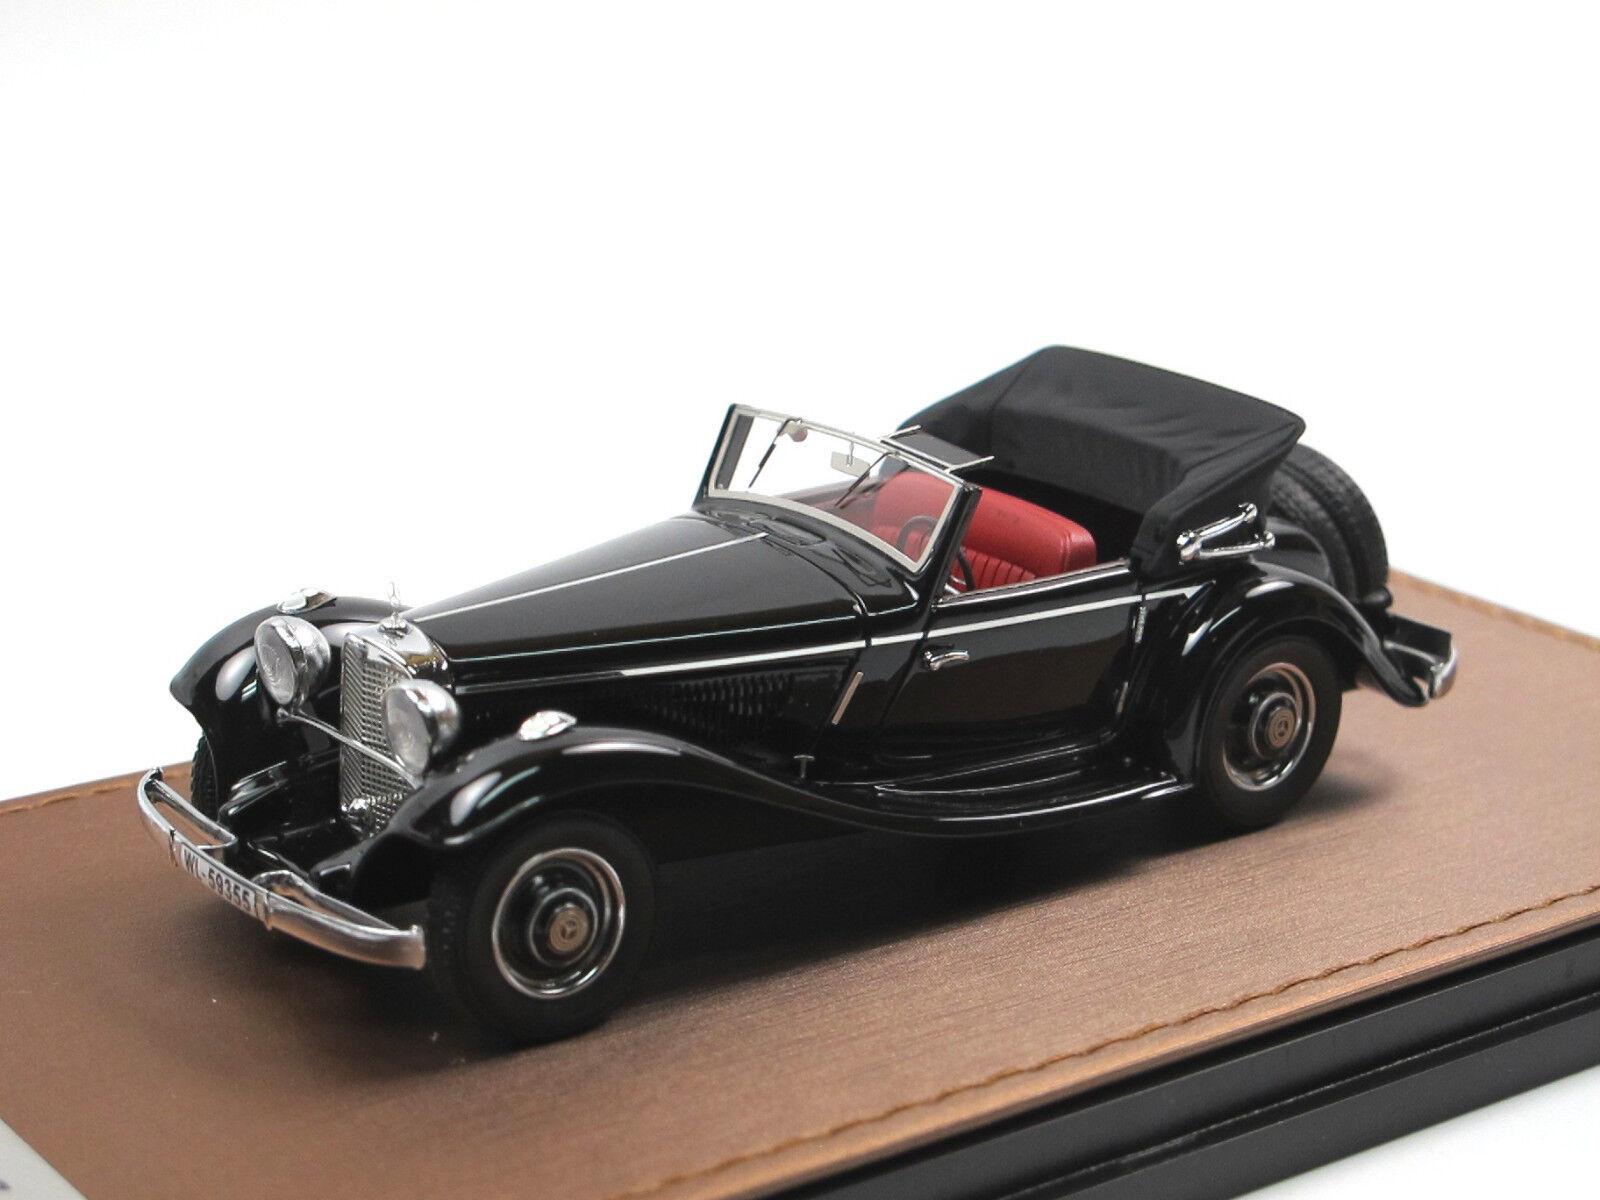 Bma 1936 mercedes - - - benz 290 cabriolet ein w (18) unsere schwarz - 1   43 limitiert 299 0c31cf